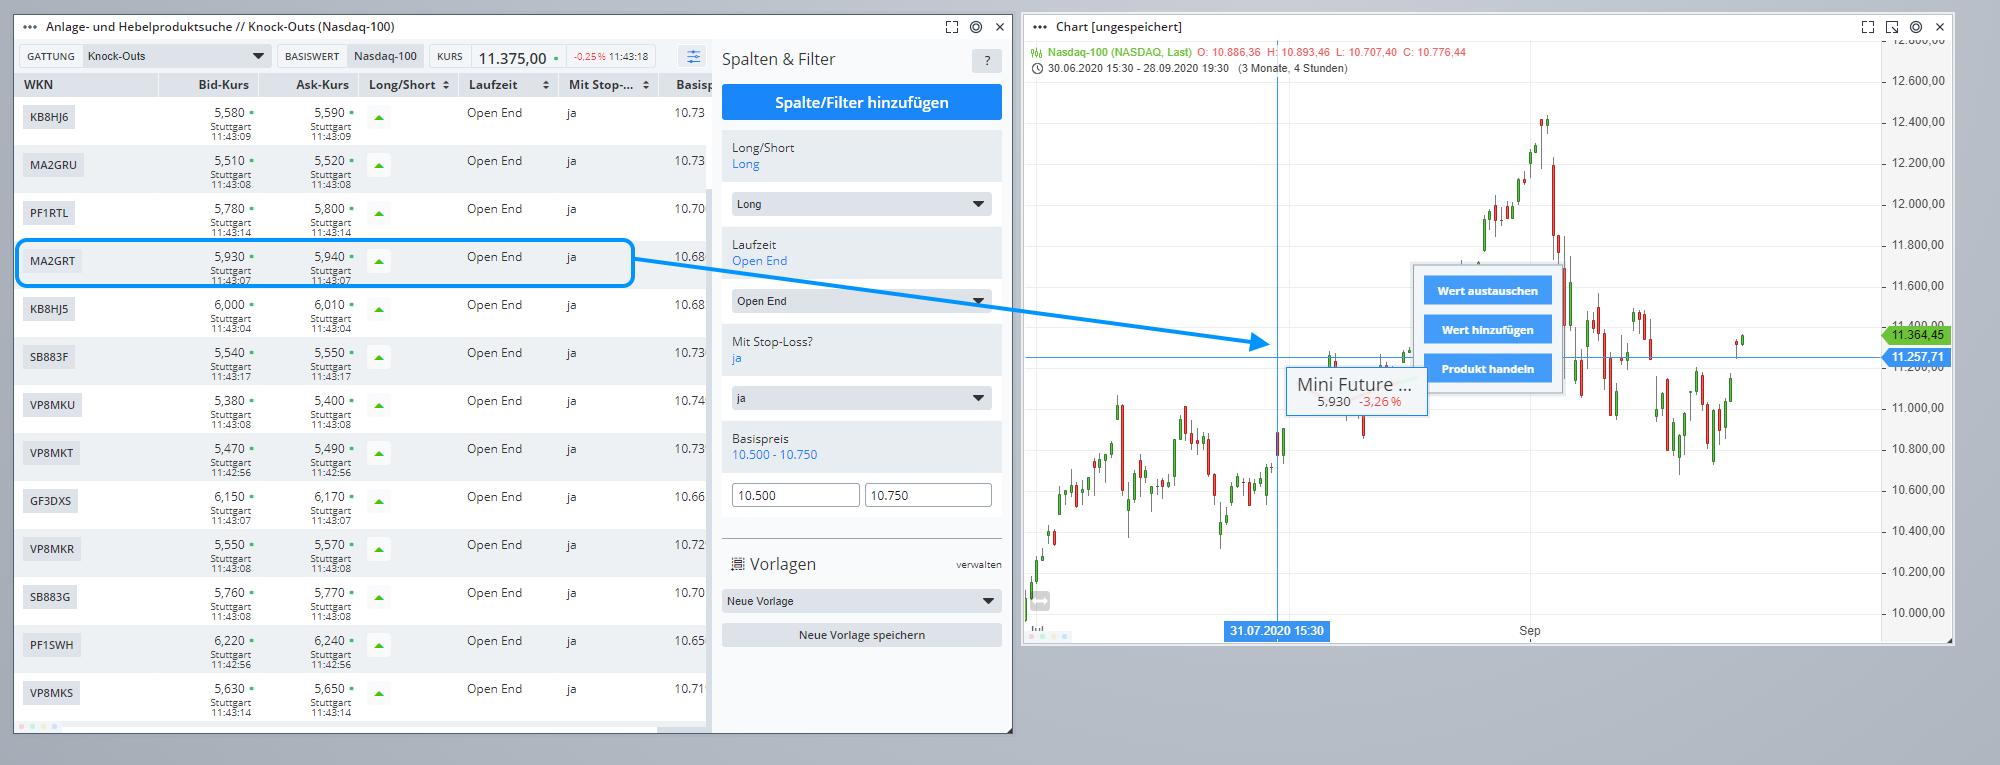 CHART-TRADING-auf-GUIDANTS-Eine-neue-Dimension-des-Börsenhandels-Thomas-May-GodmodeTrader.de-2